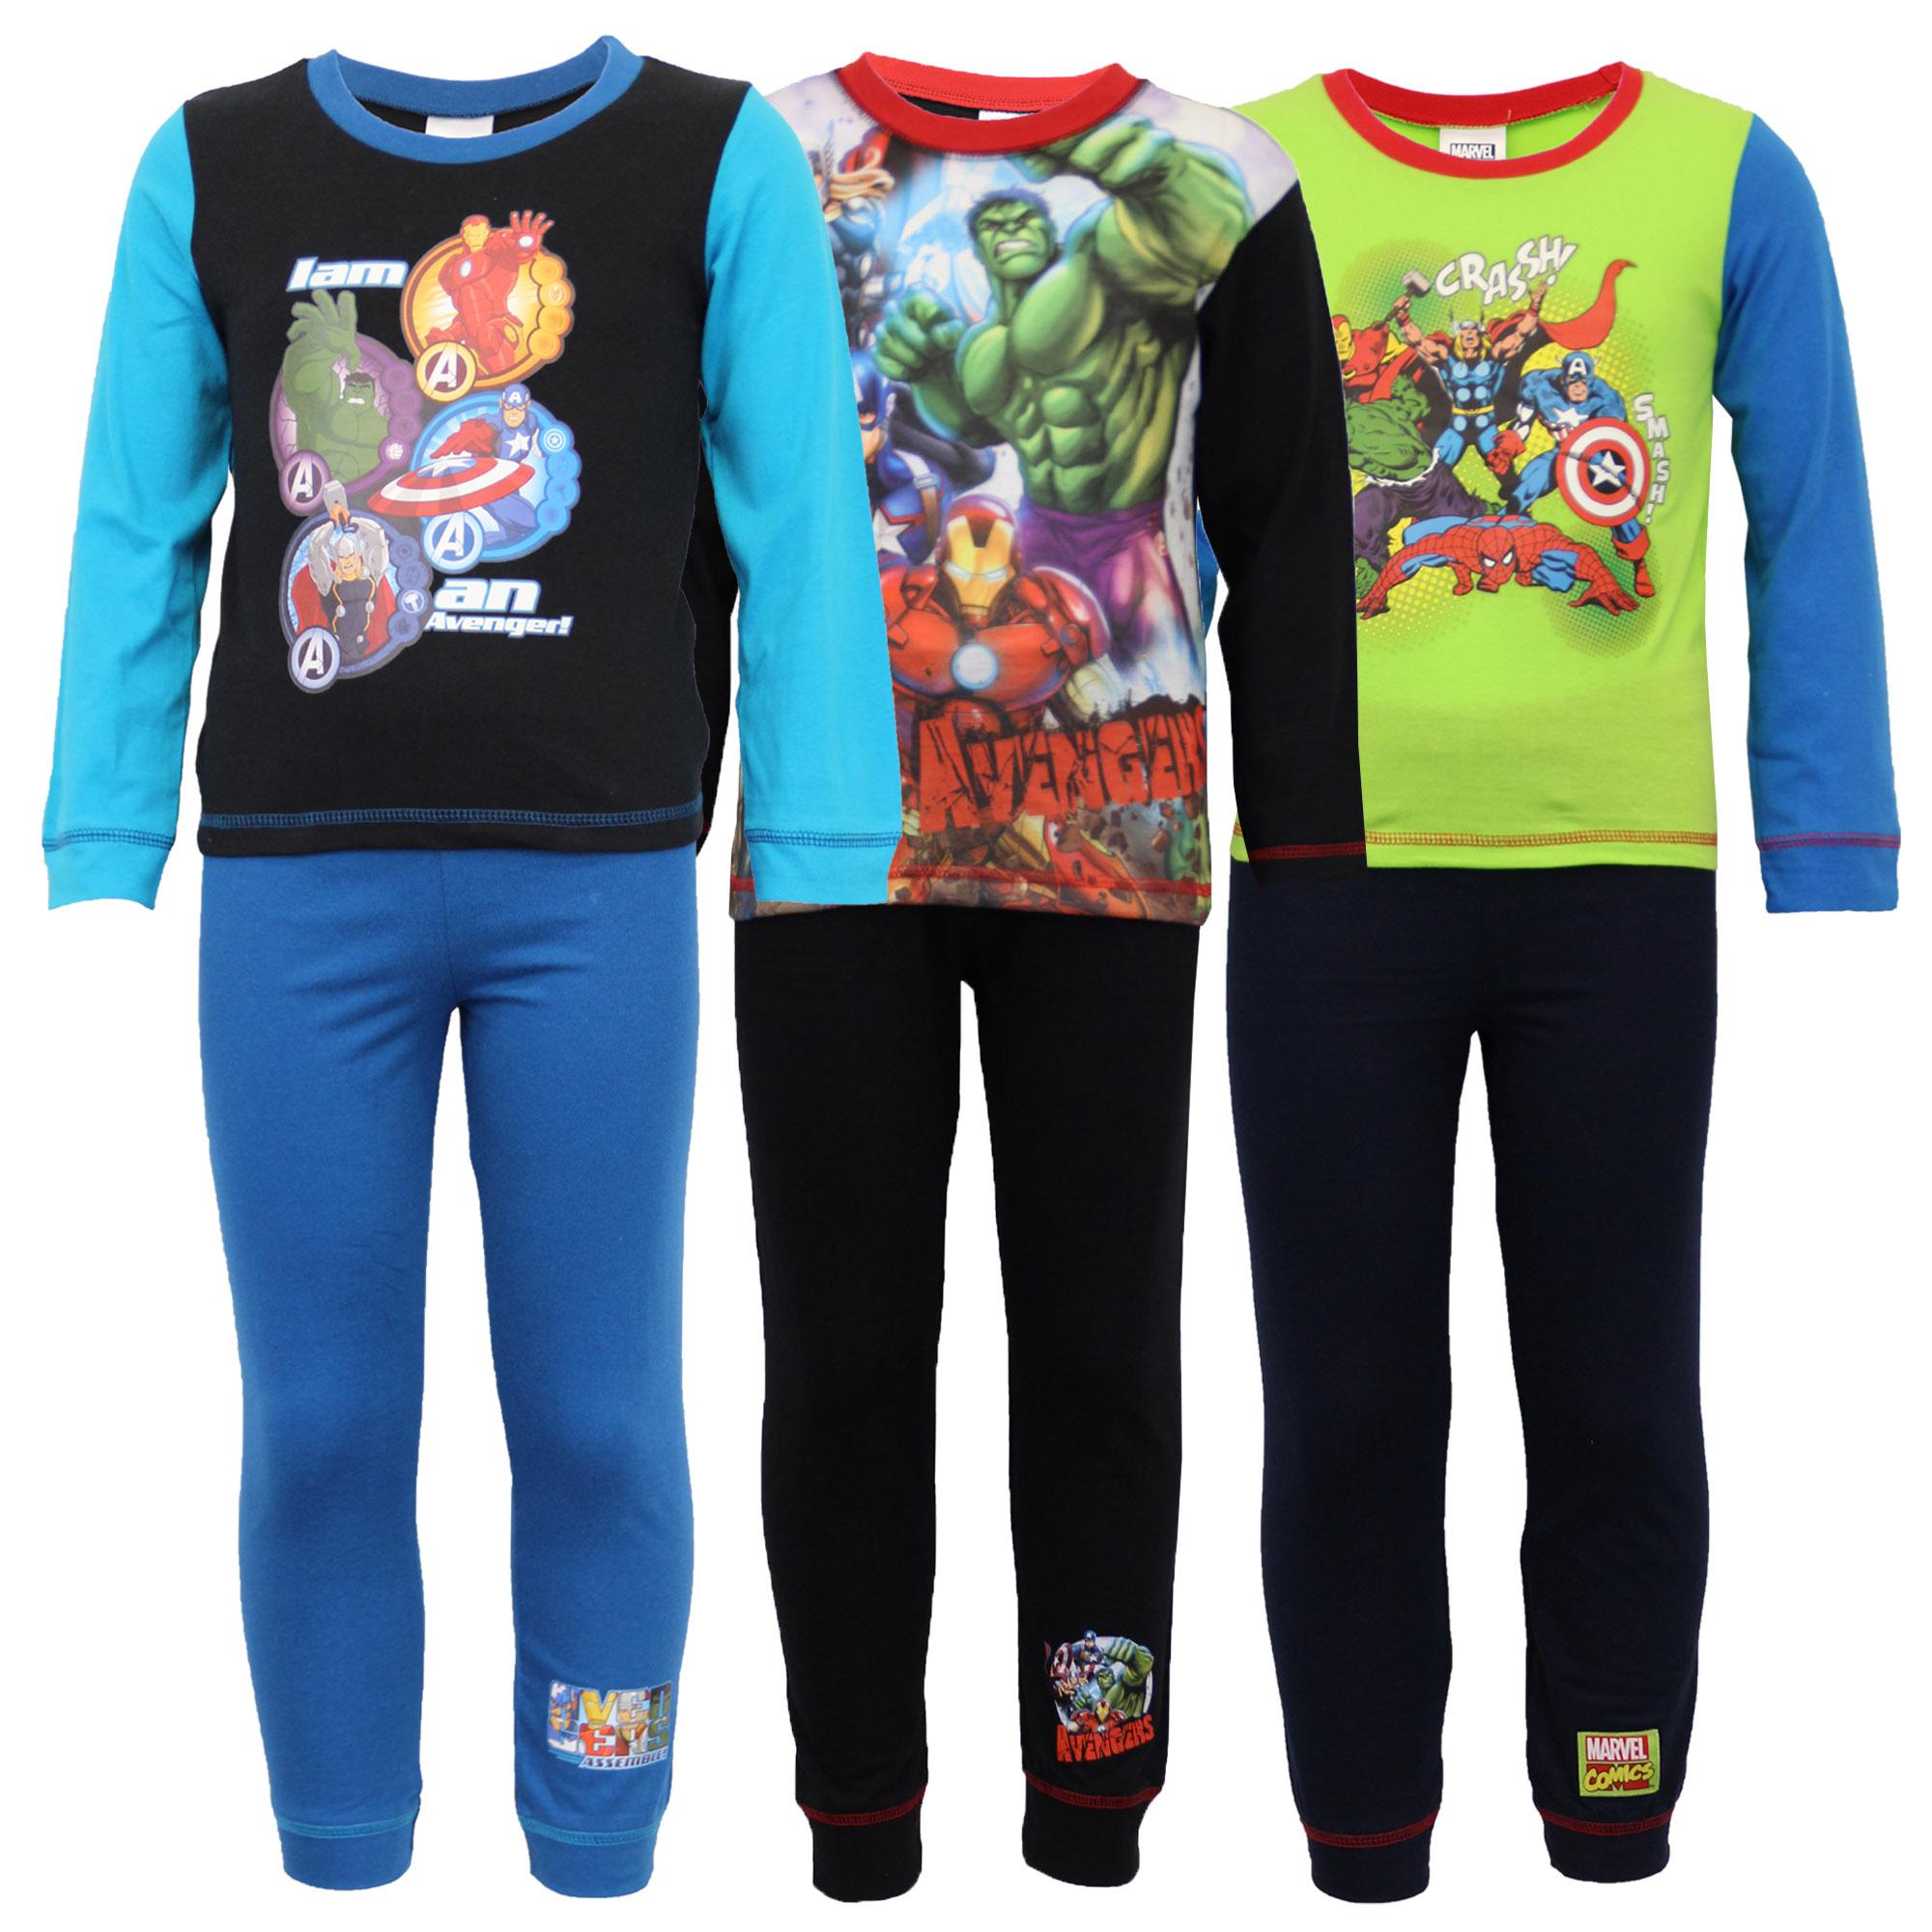 el mejor descuento especial de comprar oficial Detalles de Pijama Niño Infantil Set Marvel Avengers Estampado Héroes  Pantalones Top Captain